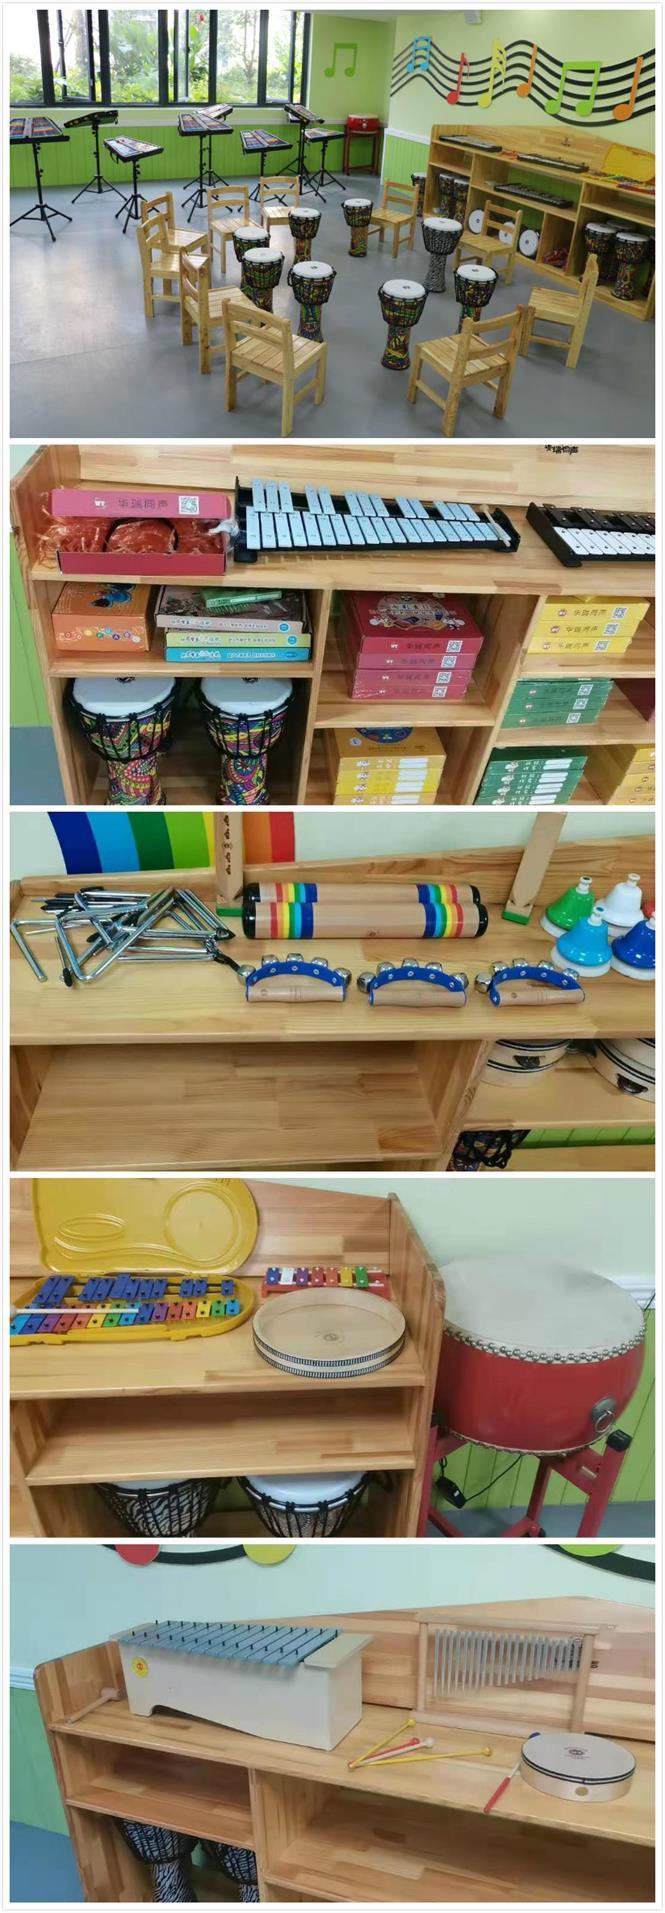 奥尔夫音乐教育,打造幼儿园特色教室_1